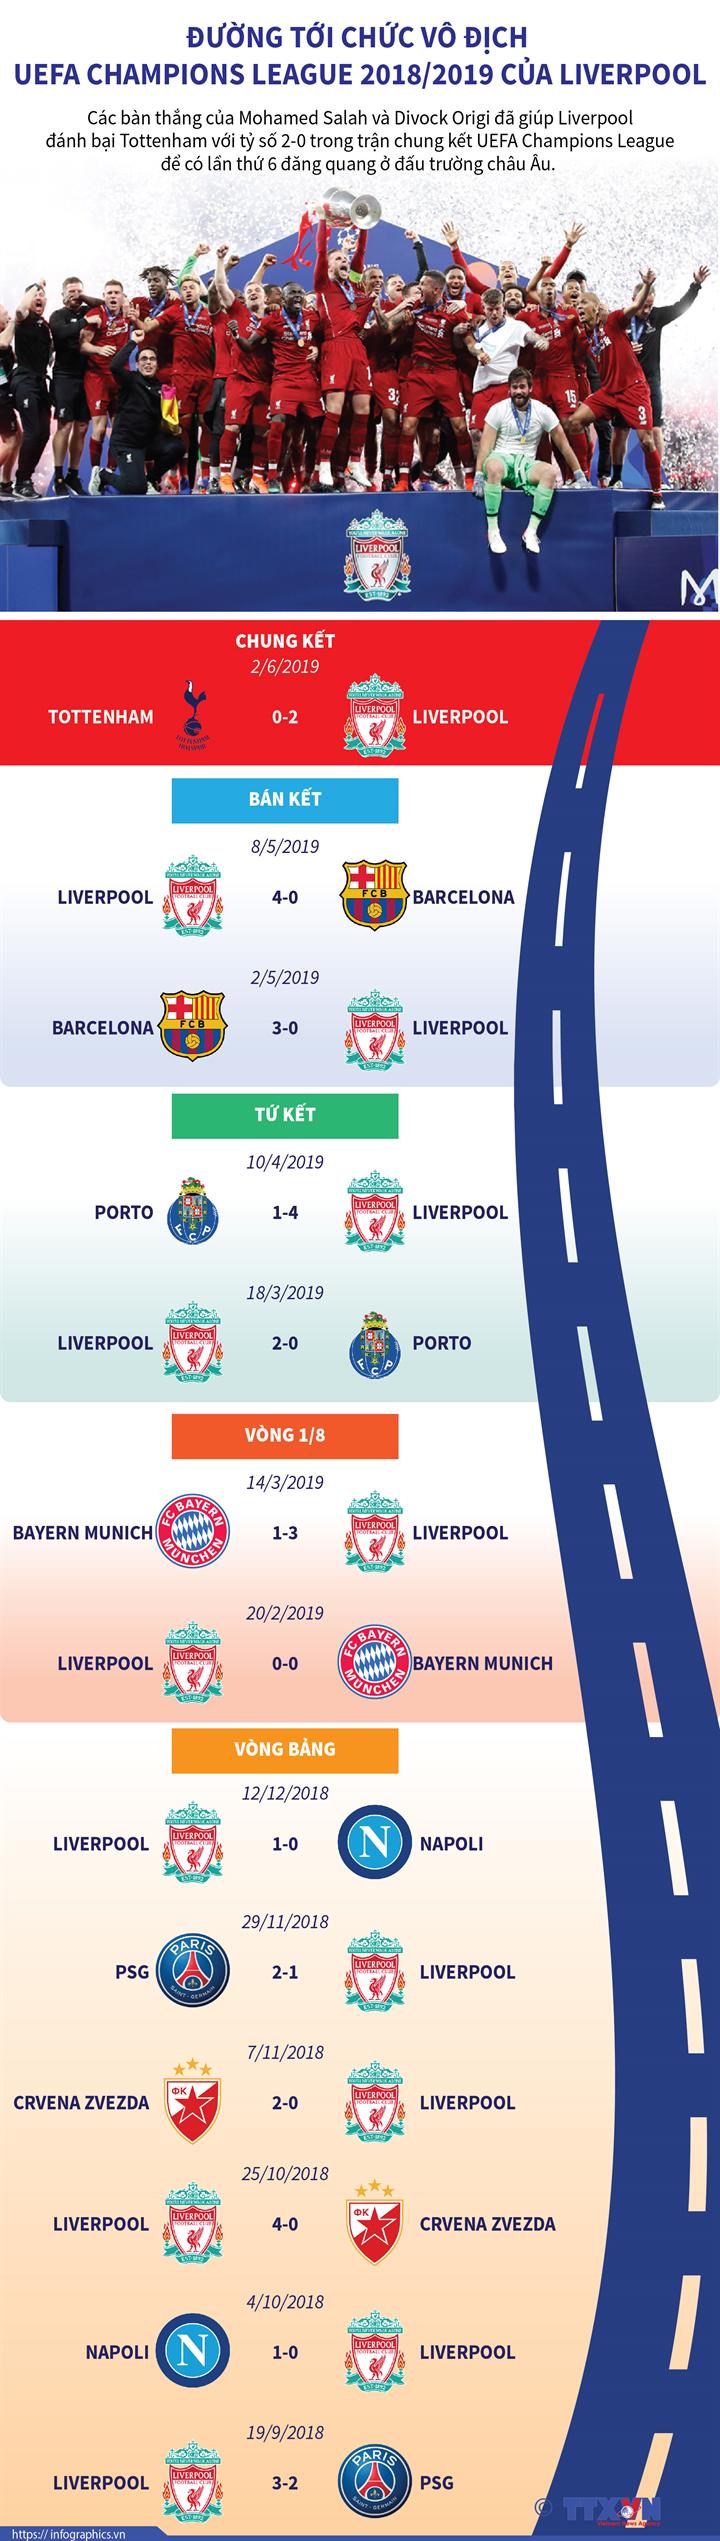 Đường tới chức vô địch UEFA Champions League 2018/2019 của Liverpool